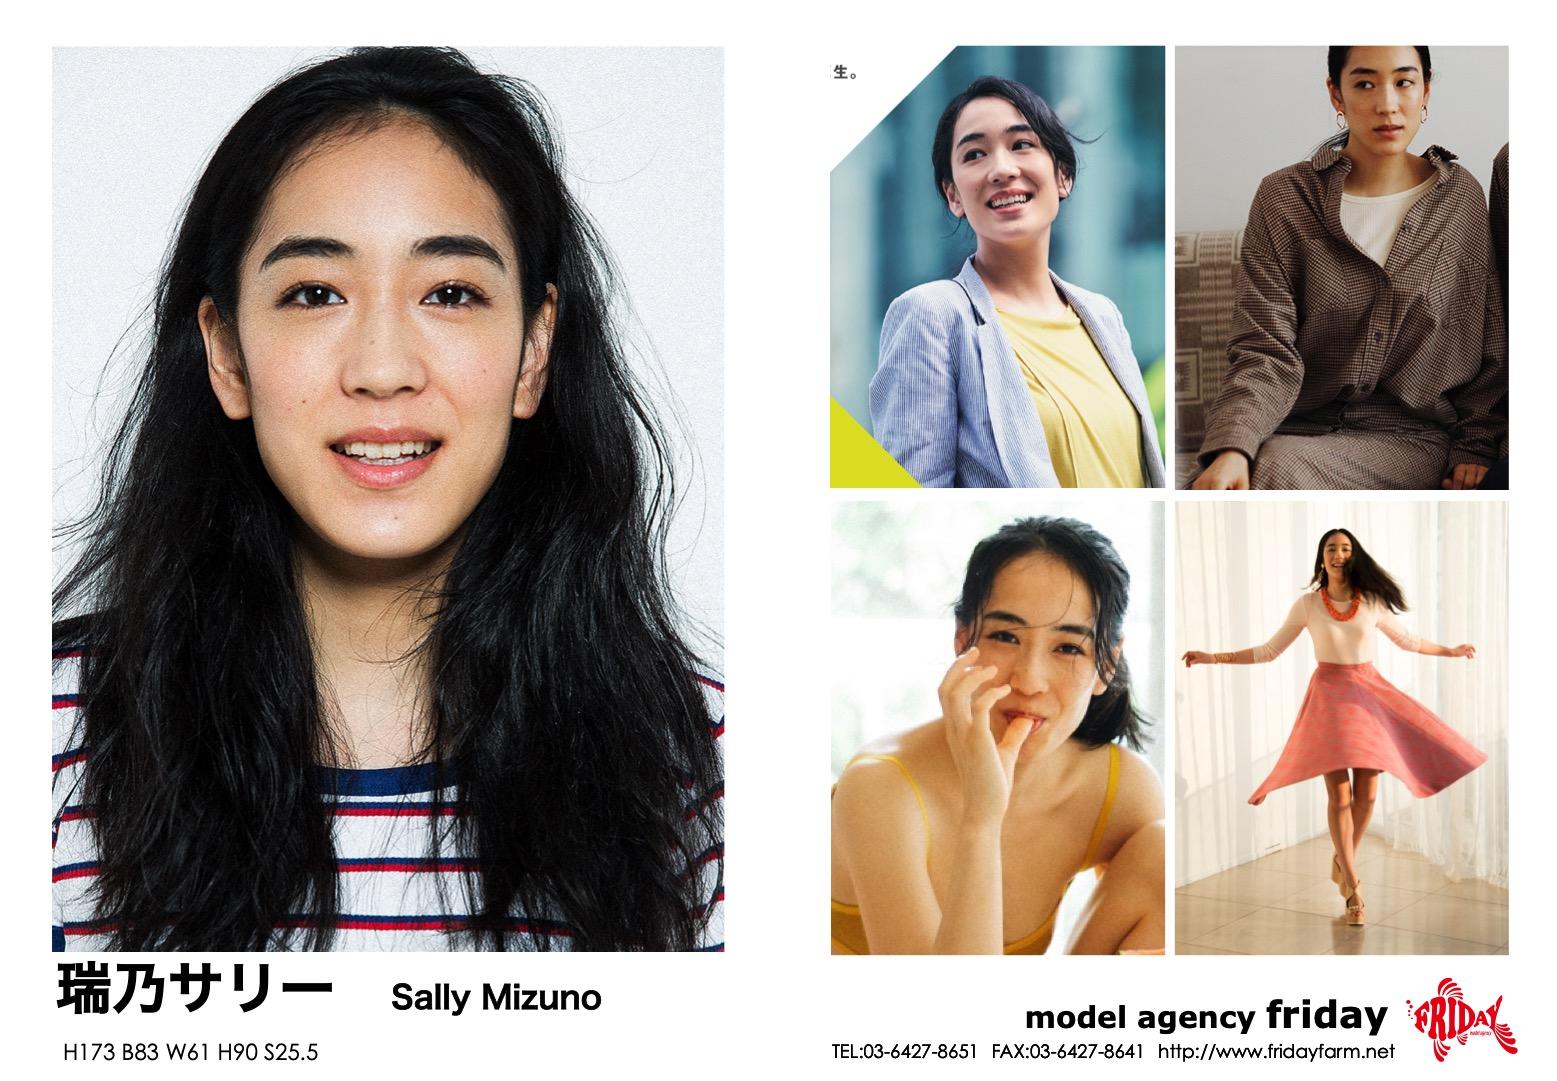 瑞乃 サリー - Sally Mizuno   model agency friday